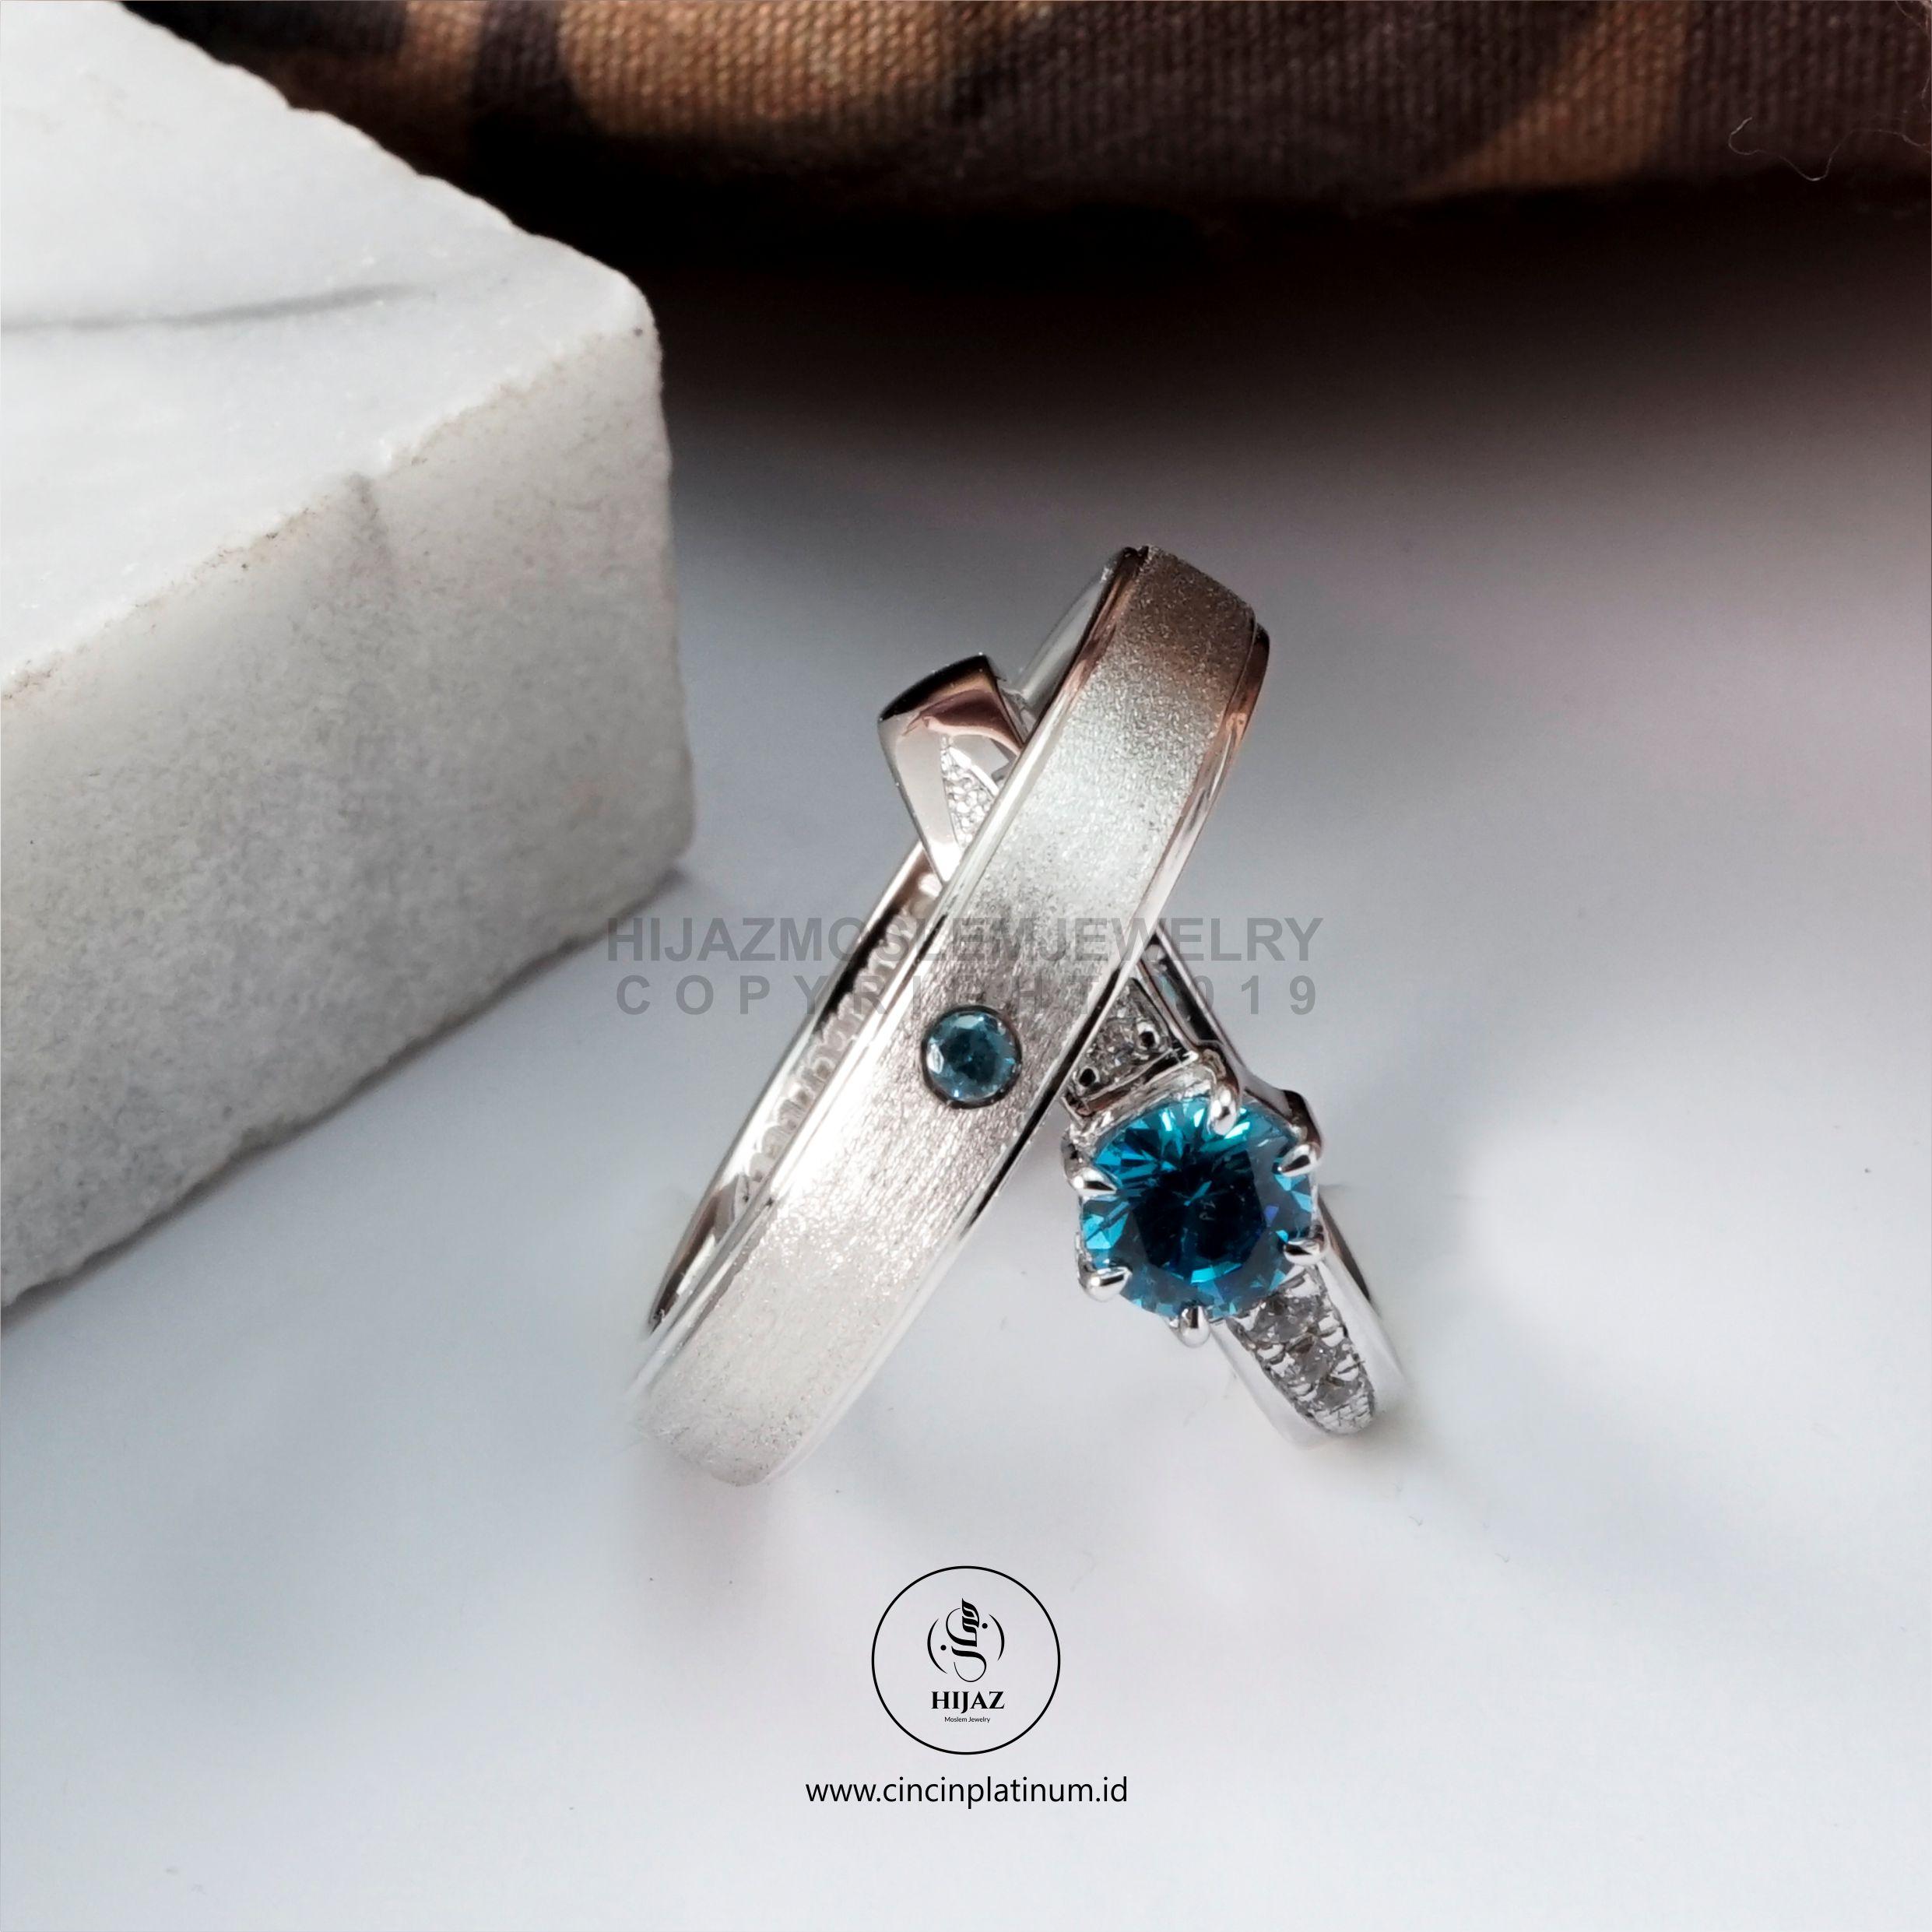 Cincin kawin dengan batu permata colourful